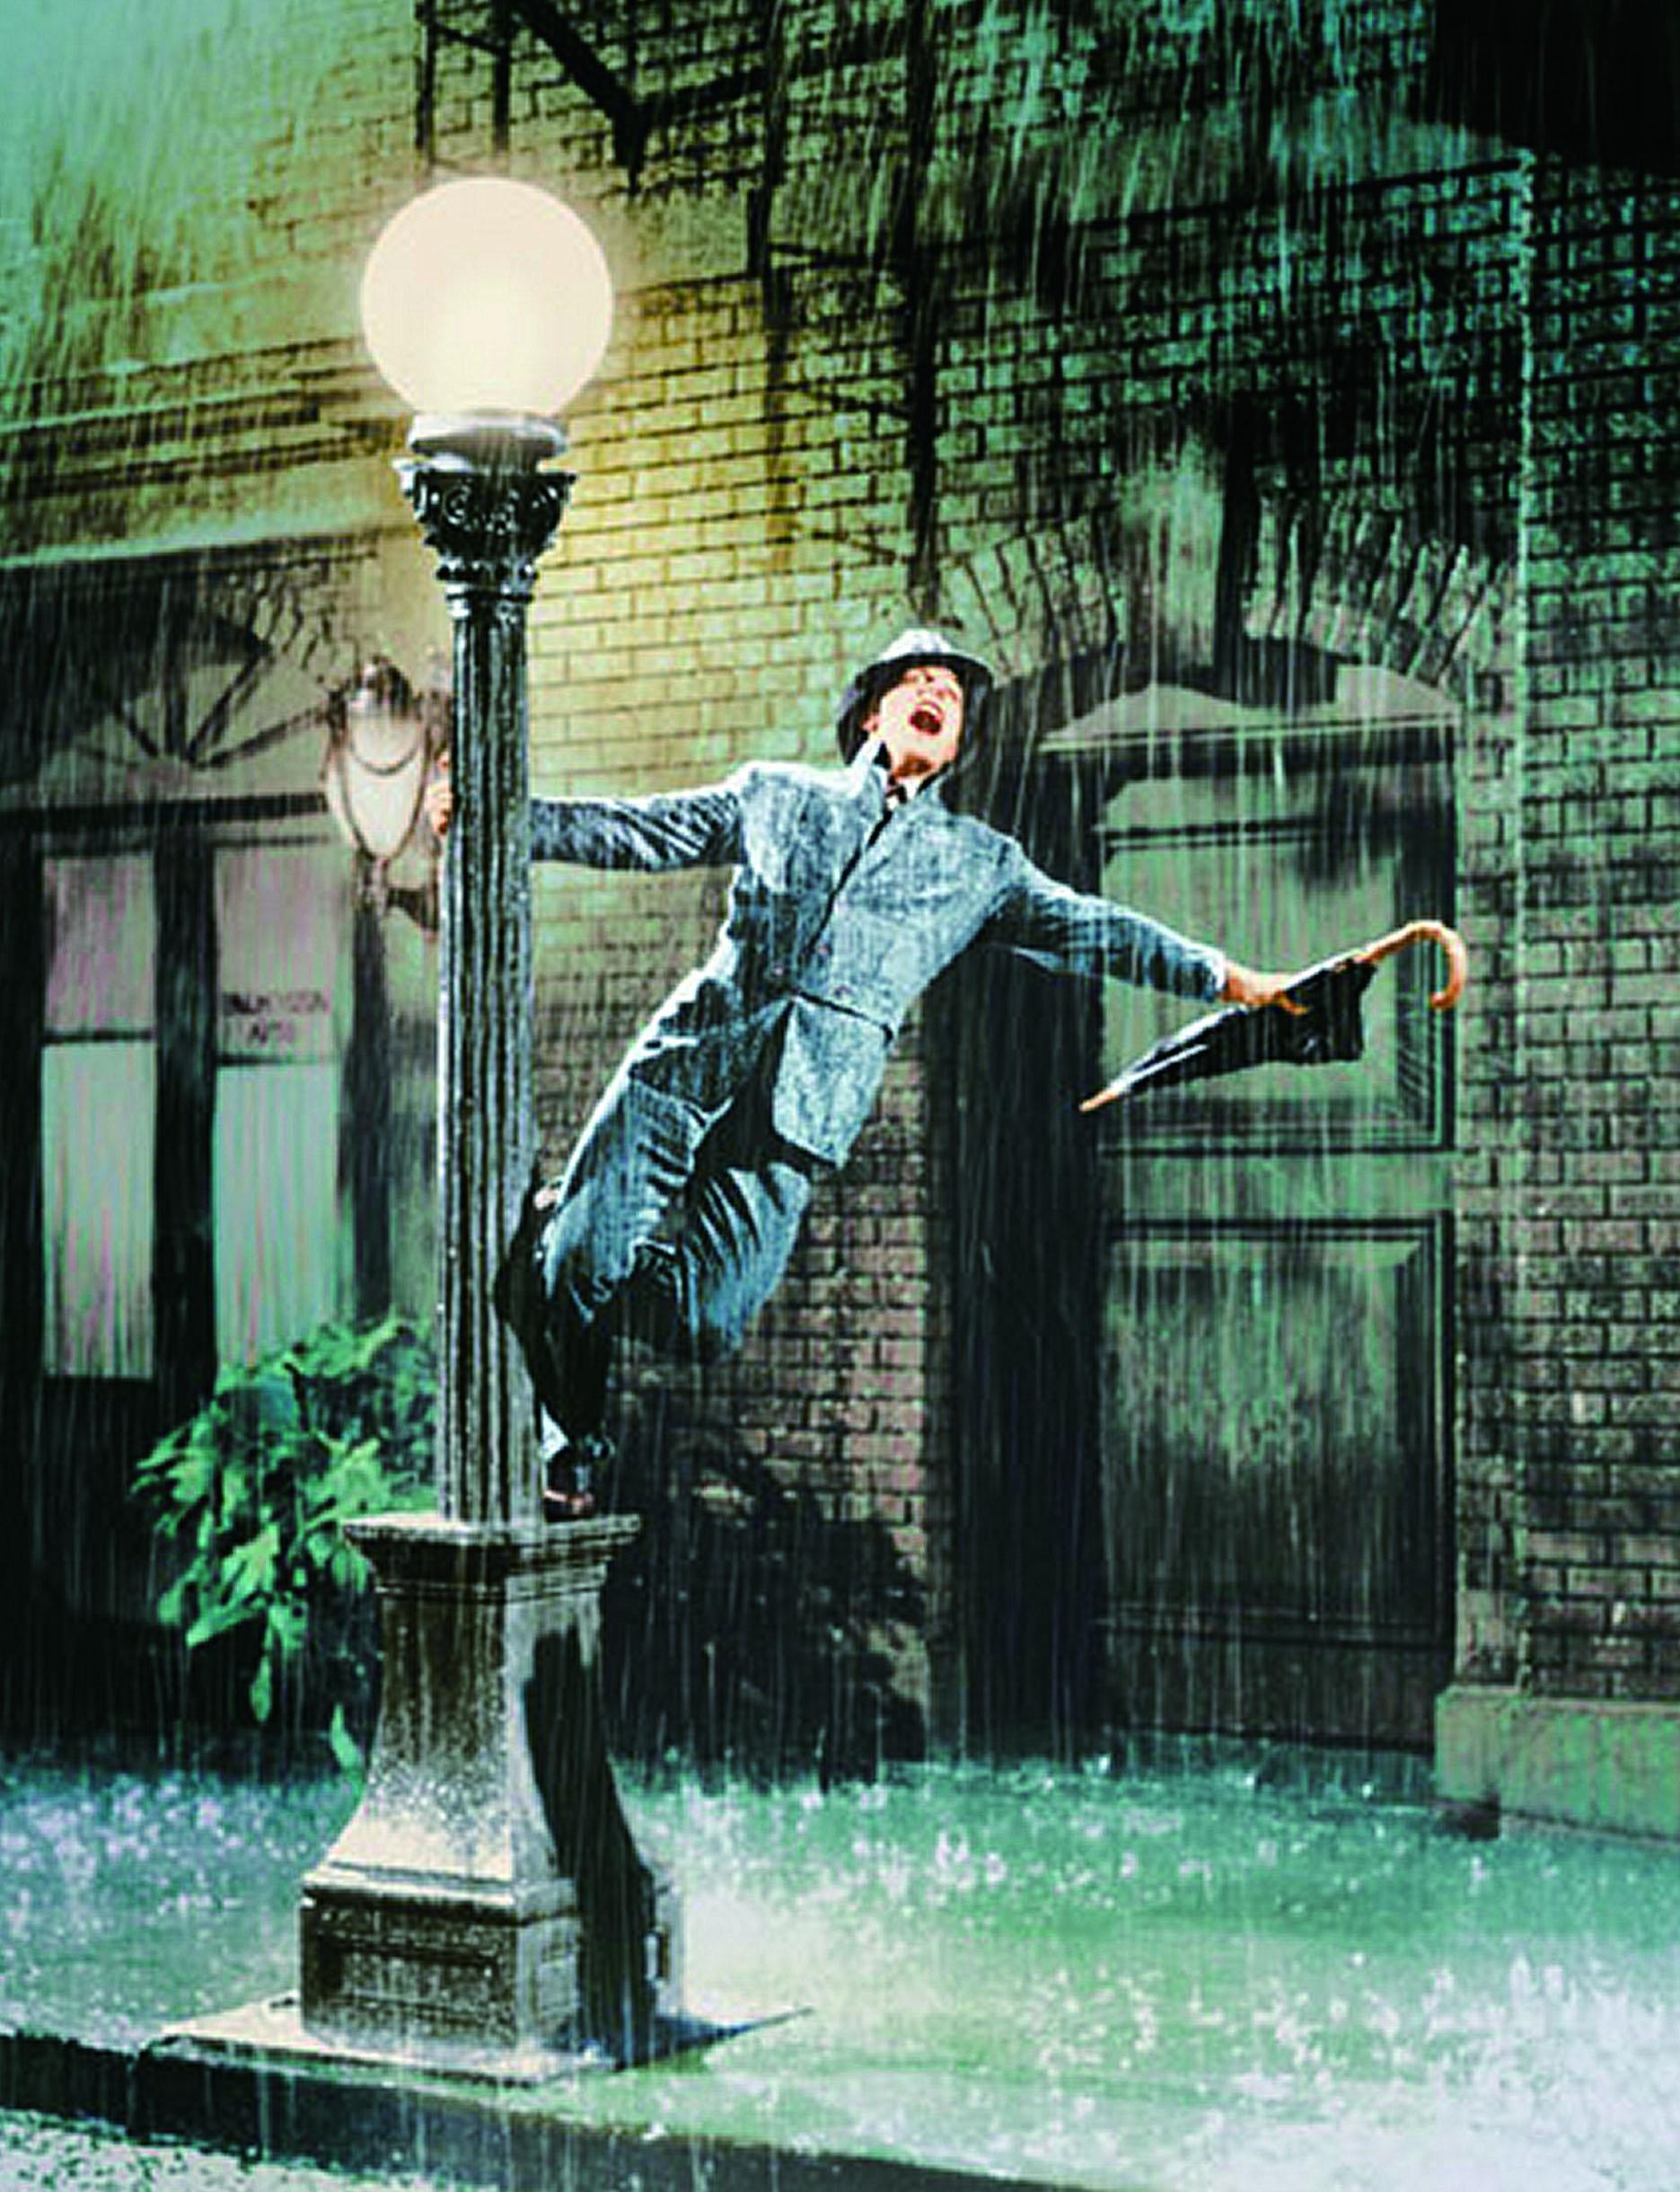 【7/27(金)~】雨に唄えば(午前十時の映画祭9)